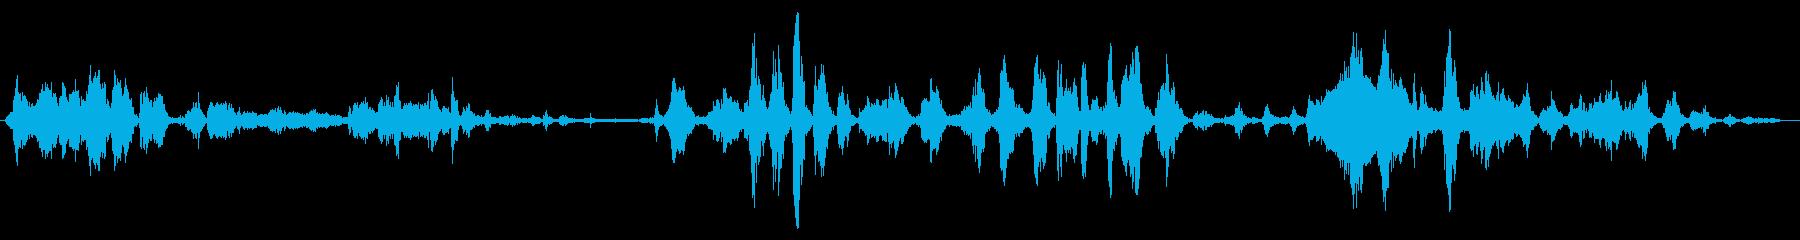 小さな屋内の群衆:会話中の軽い笑い声の再生済みの波形